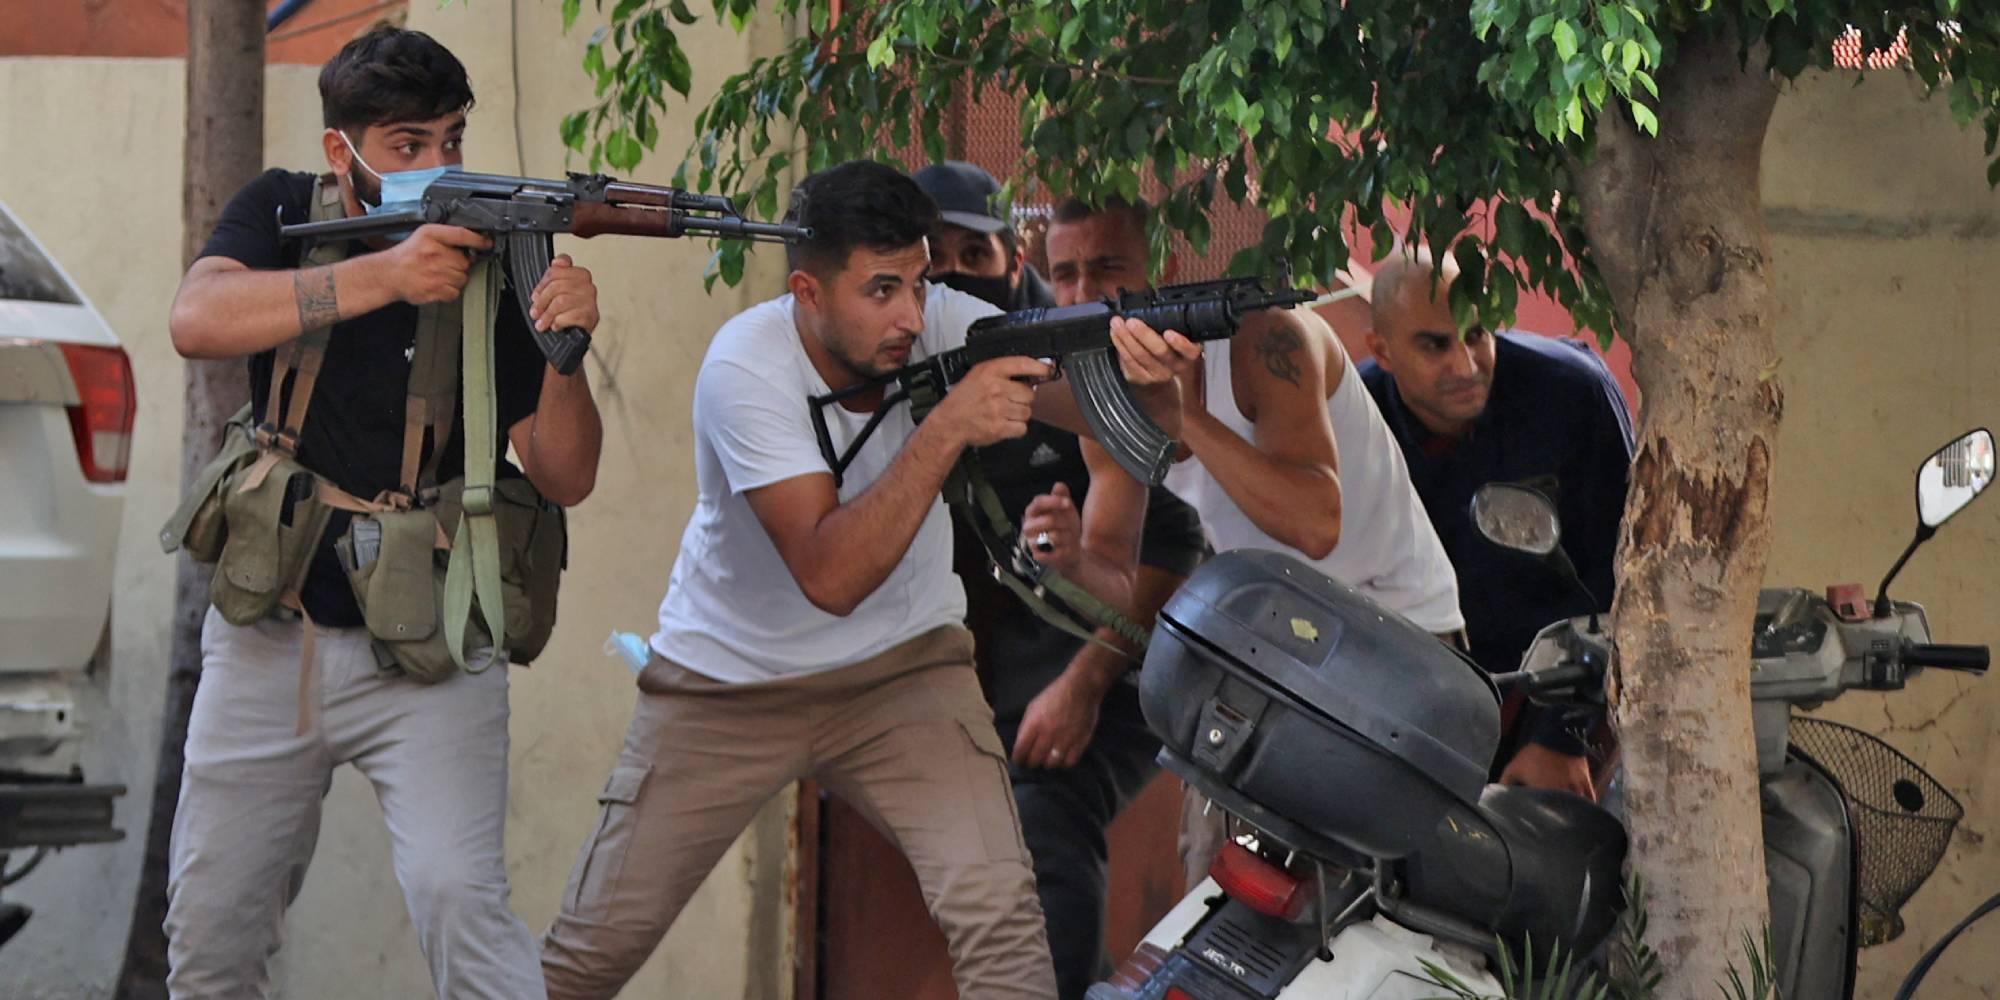 Après les violents affrontements à Beyrouth, le Liban au bord de l'embrasement